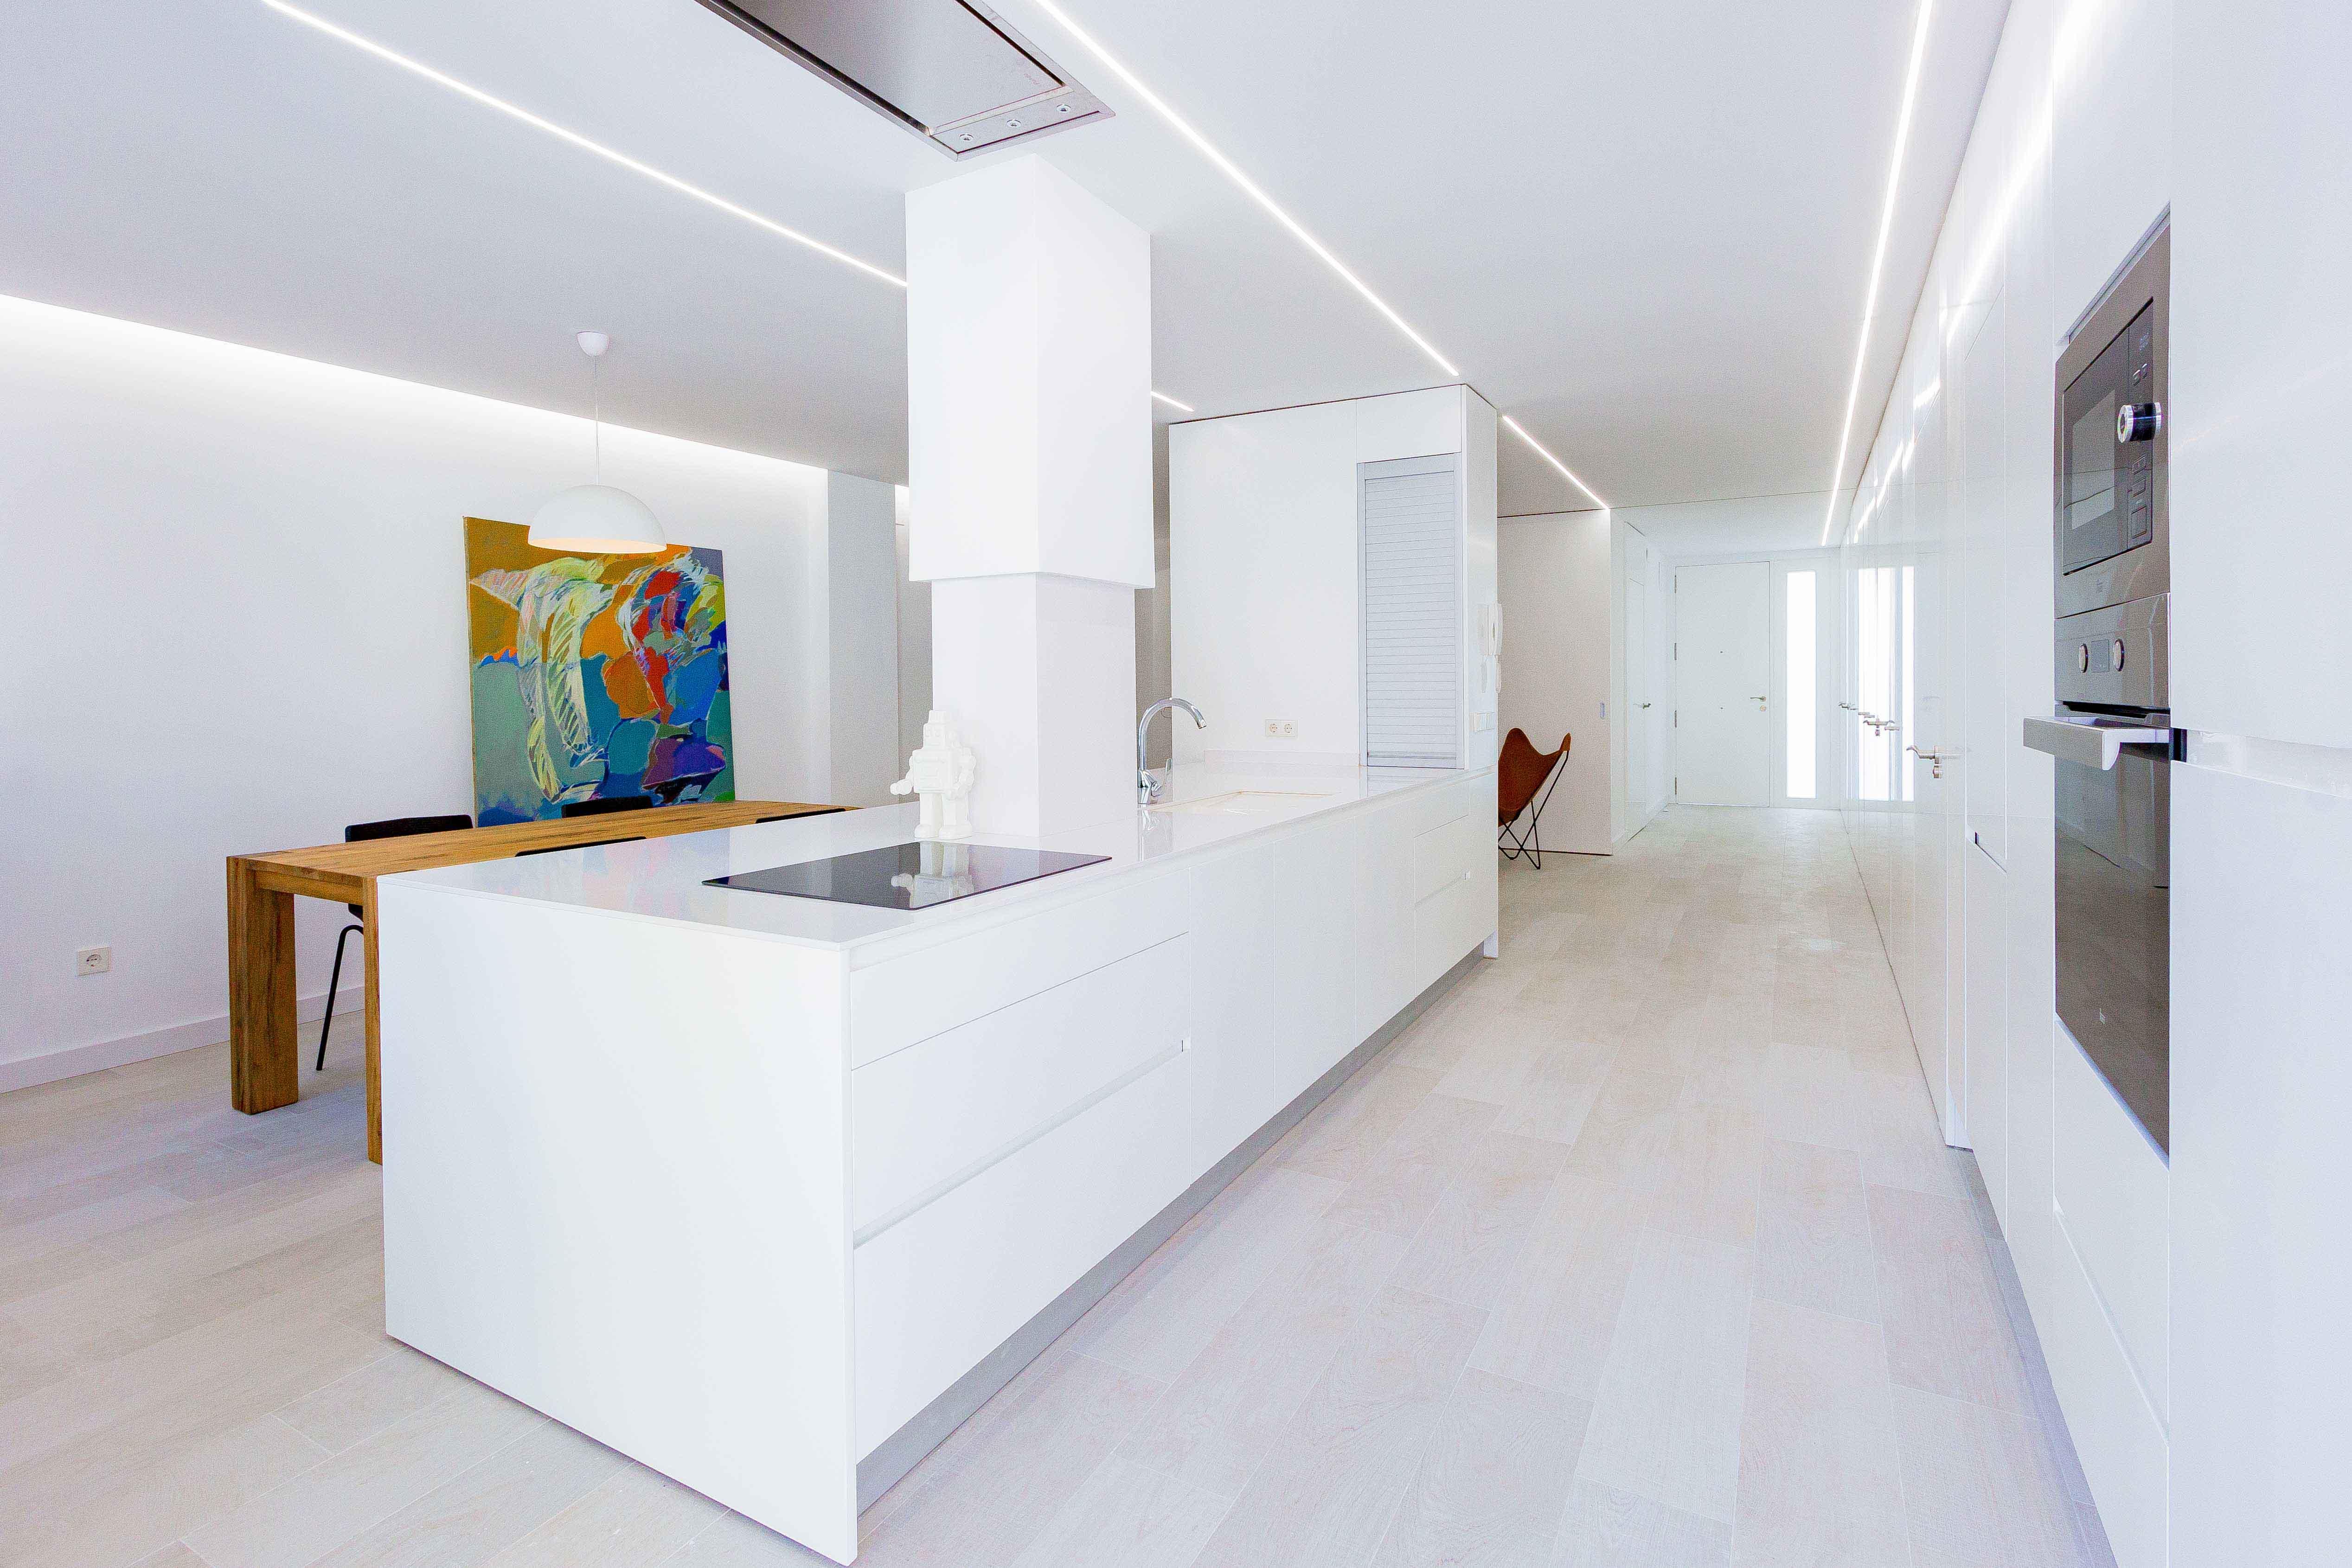 Isla con encimera y armario blancos en cocina abierta al salón y la terraza. Mesa de comedor de madera rustica. Horno y microondas integrados.